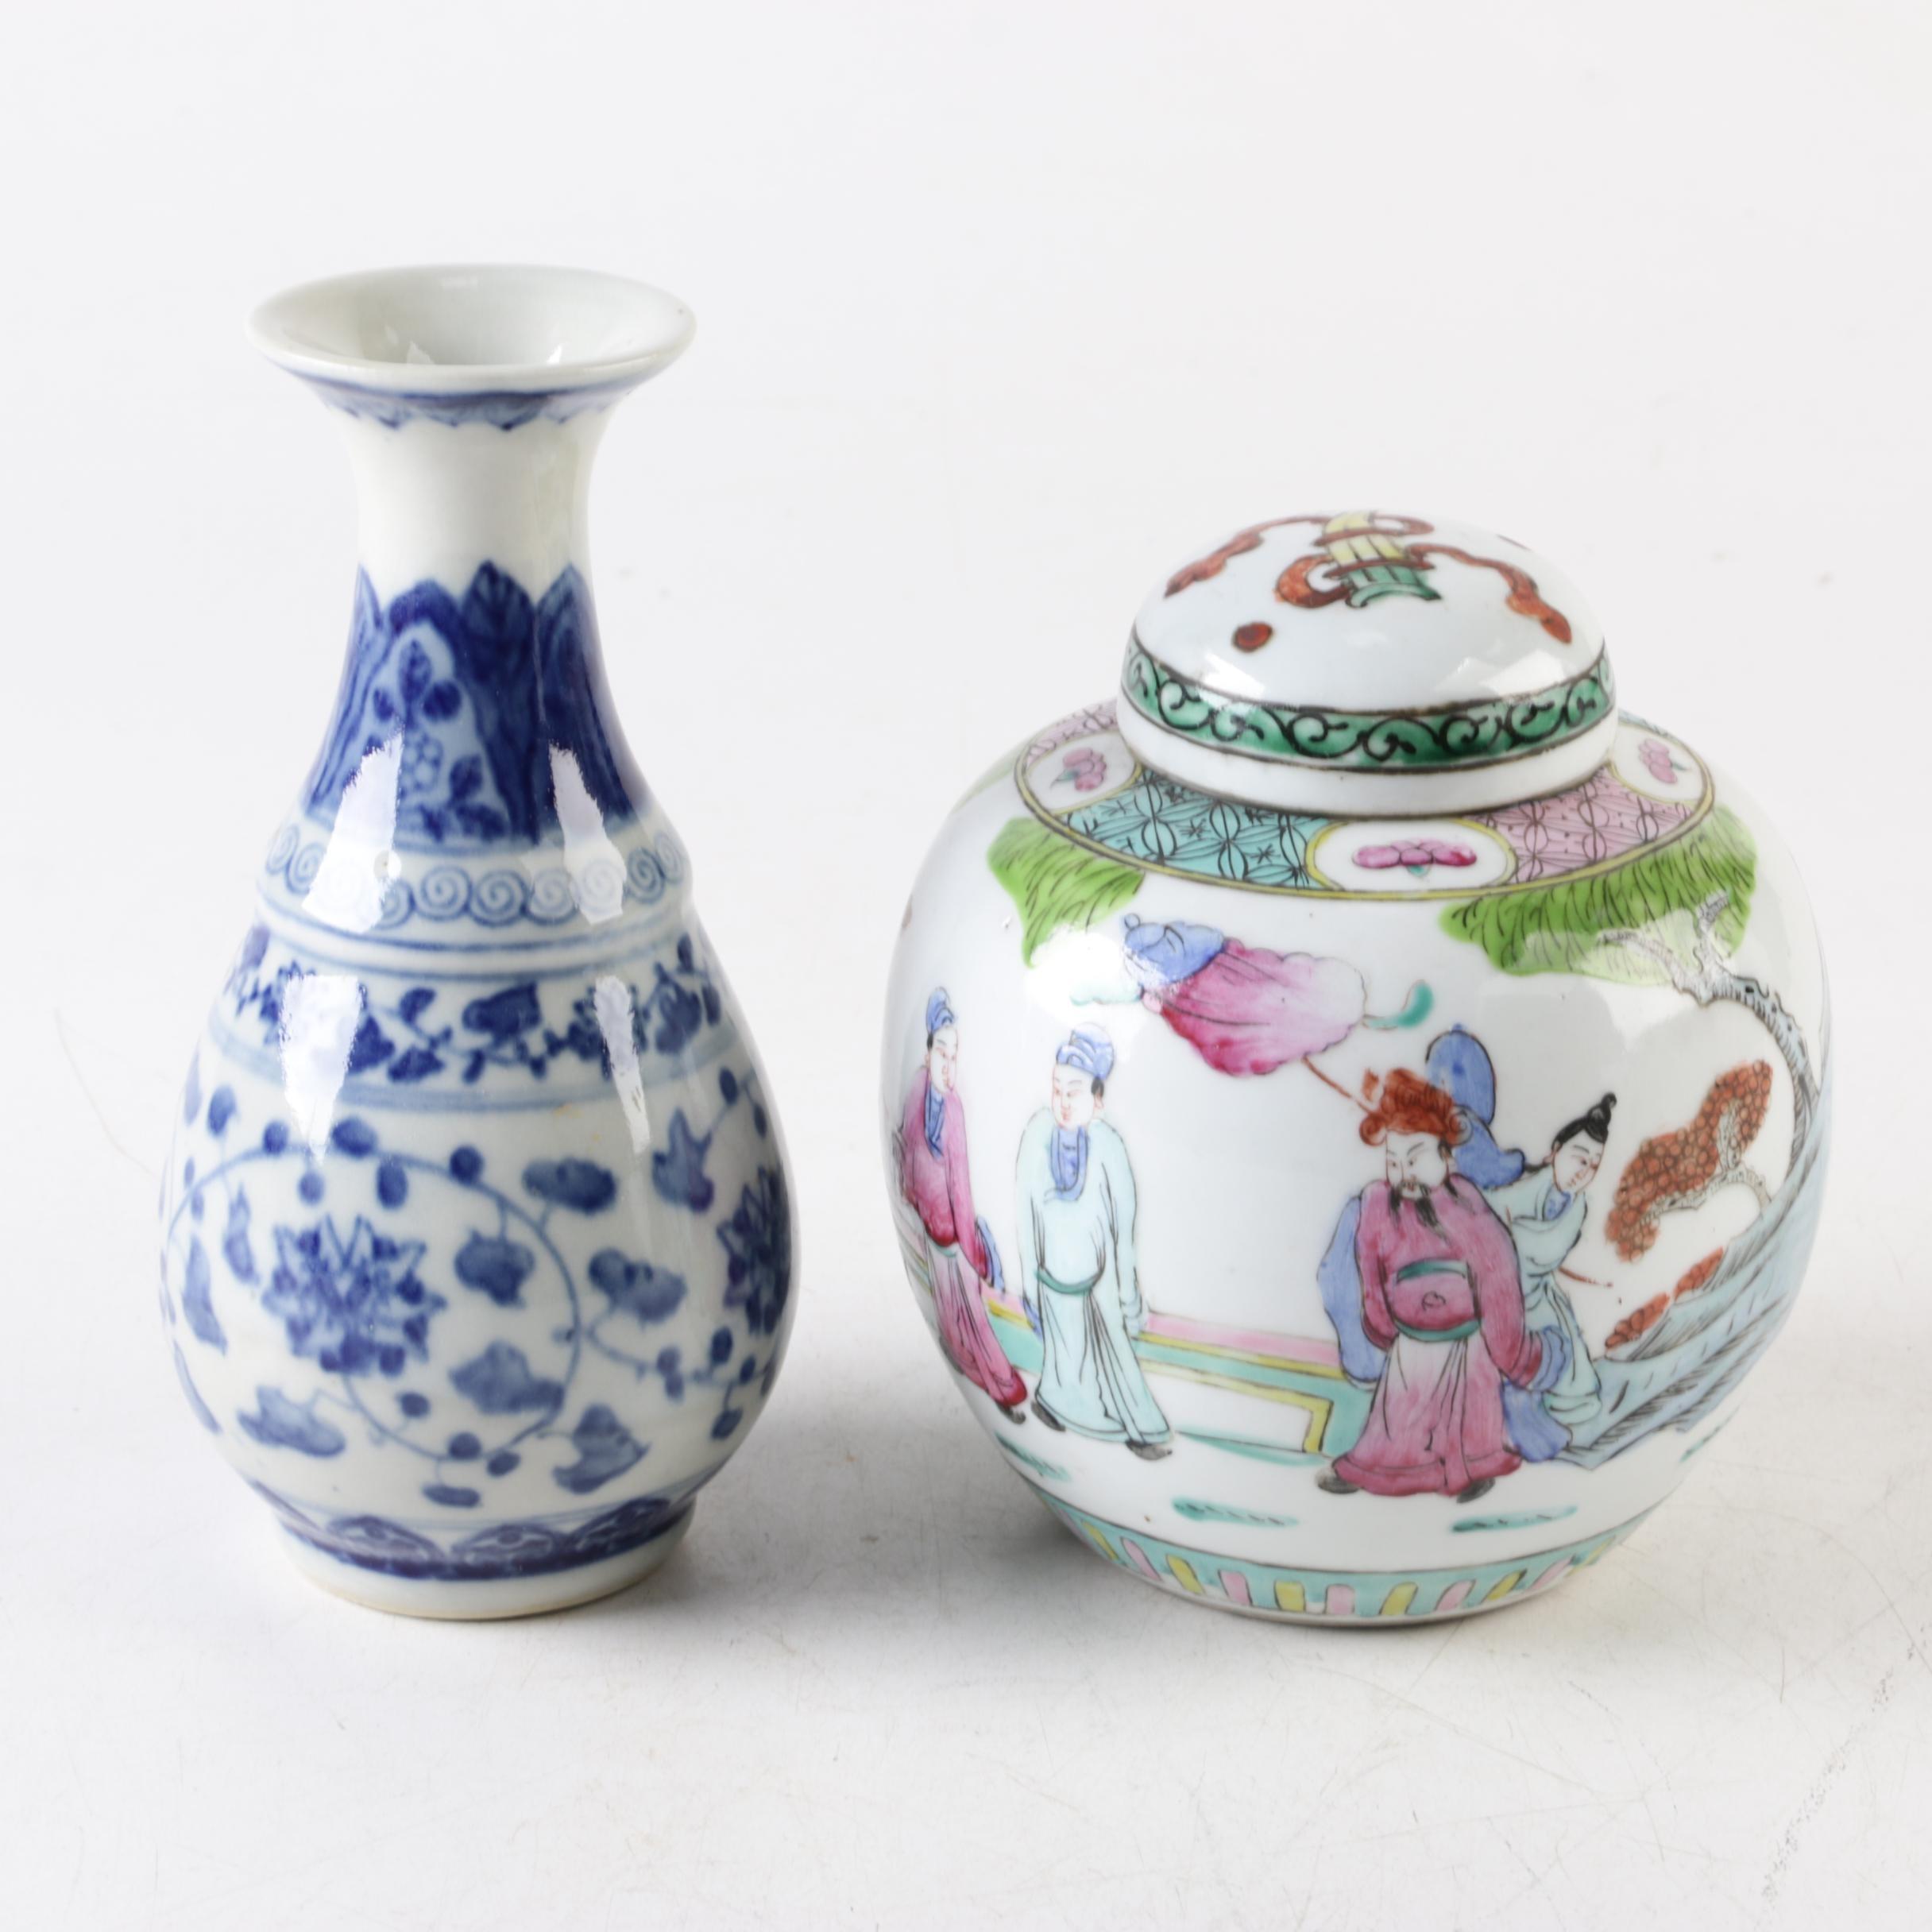 Vintage Chinese Vase and Ginger Jar